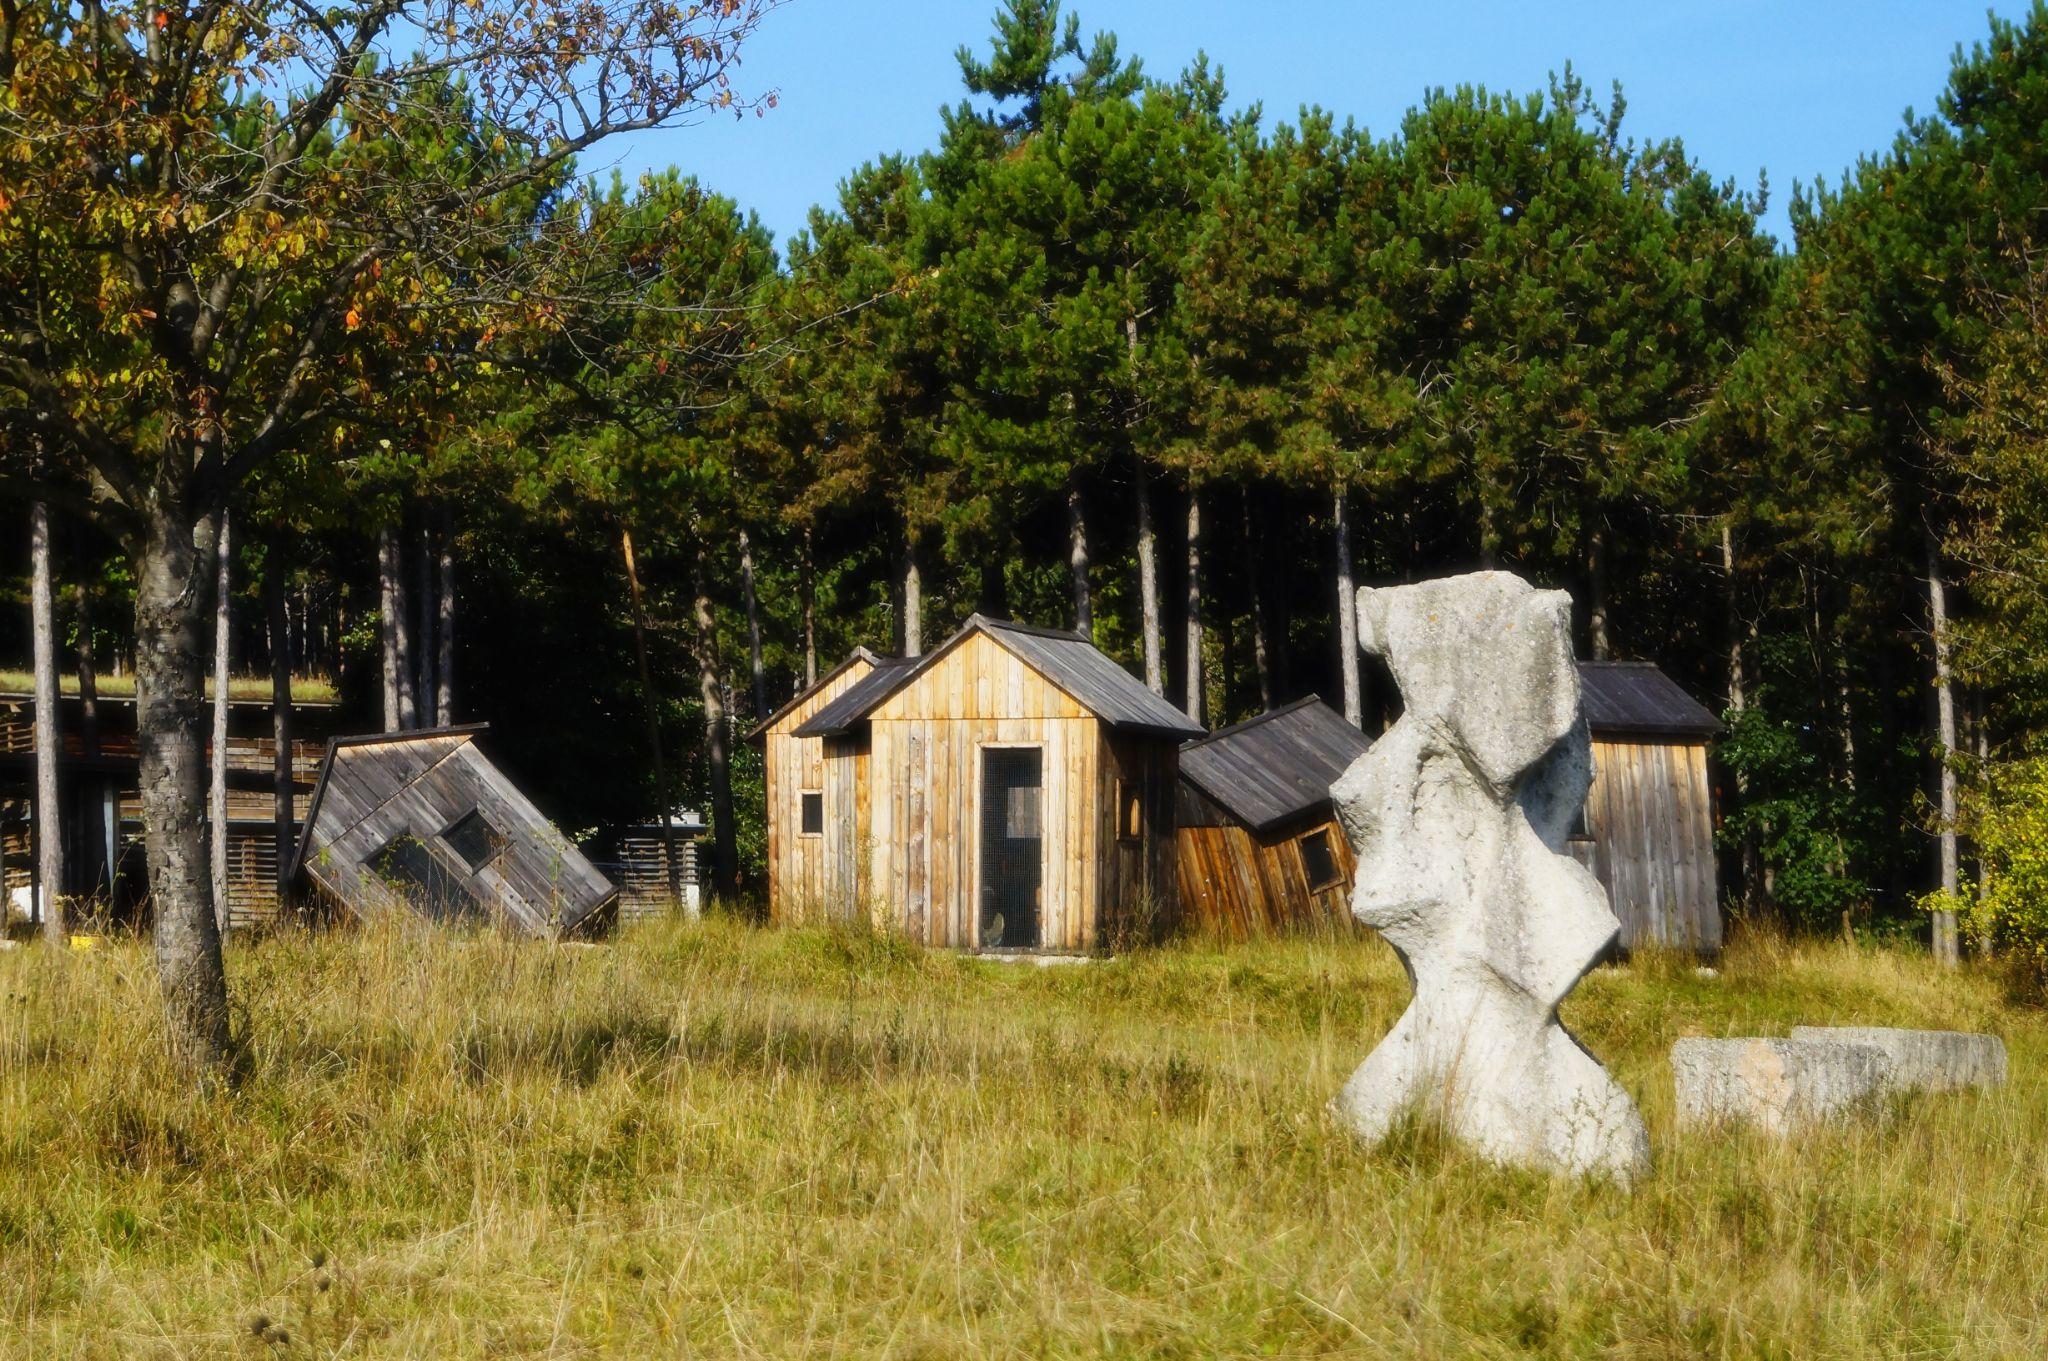 Die Hütte im Wald by alexrasser